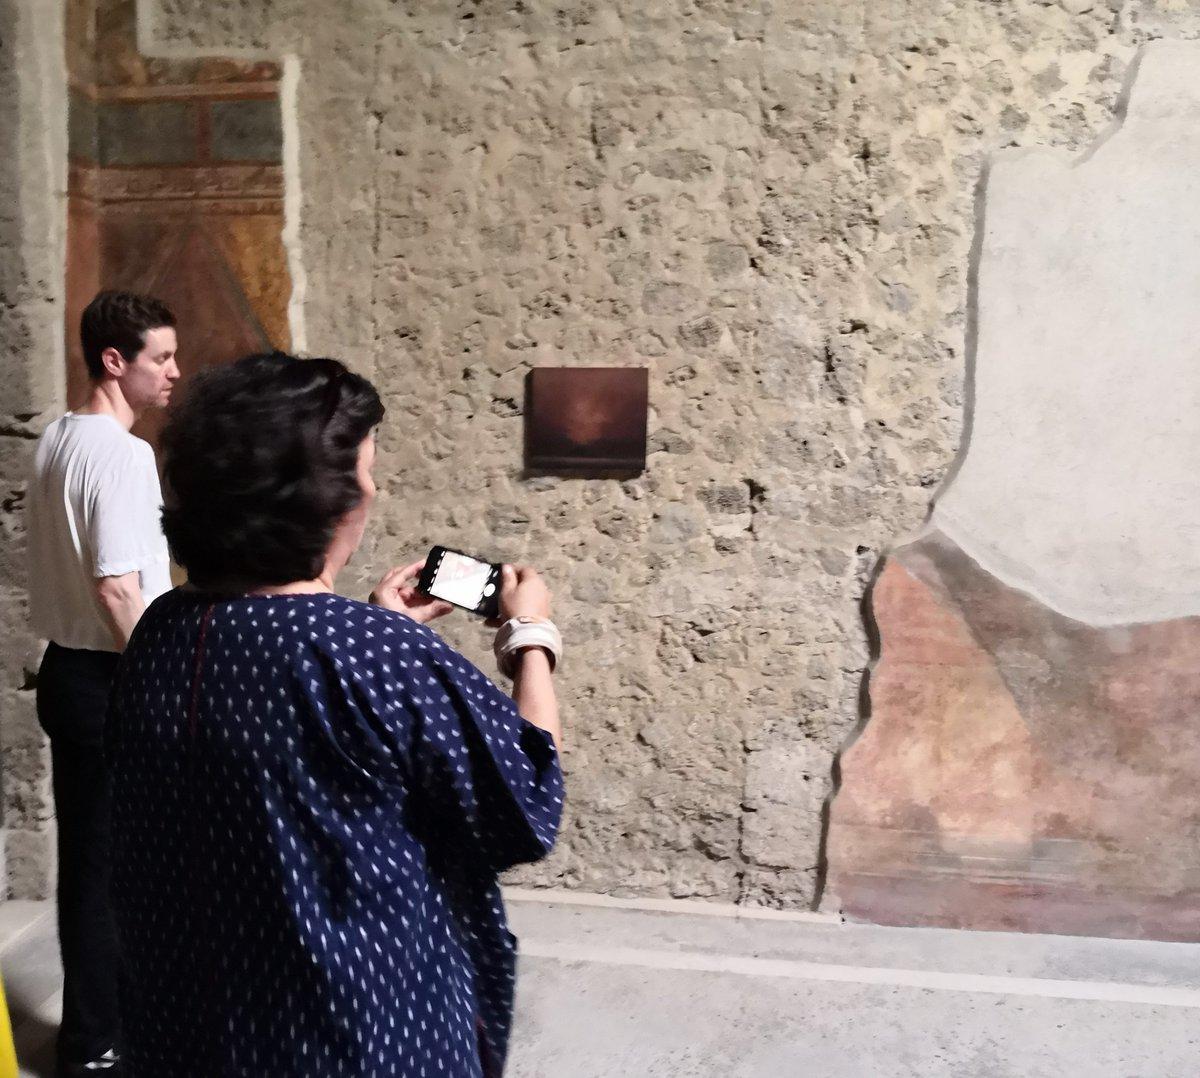 test Twitter Media - Al Parco Archeologico di #Pompei è andato in scena il capitolo conclusivo del Festival di #arte contemporanea VOLCANO EXTRAVAGANZA 2019: https://t.co/ofG8JJndzq https://t.co/tlf8ZTYDSK